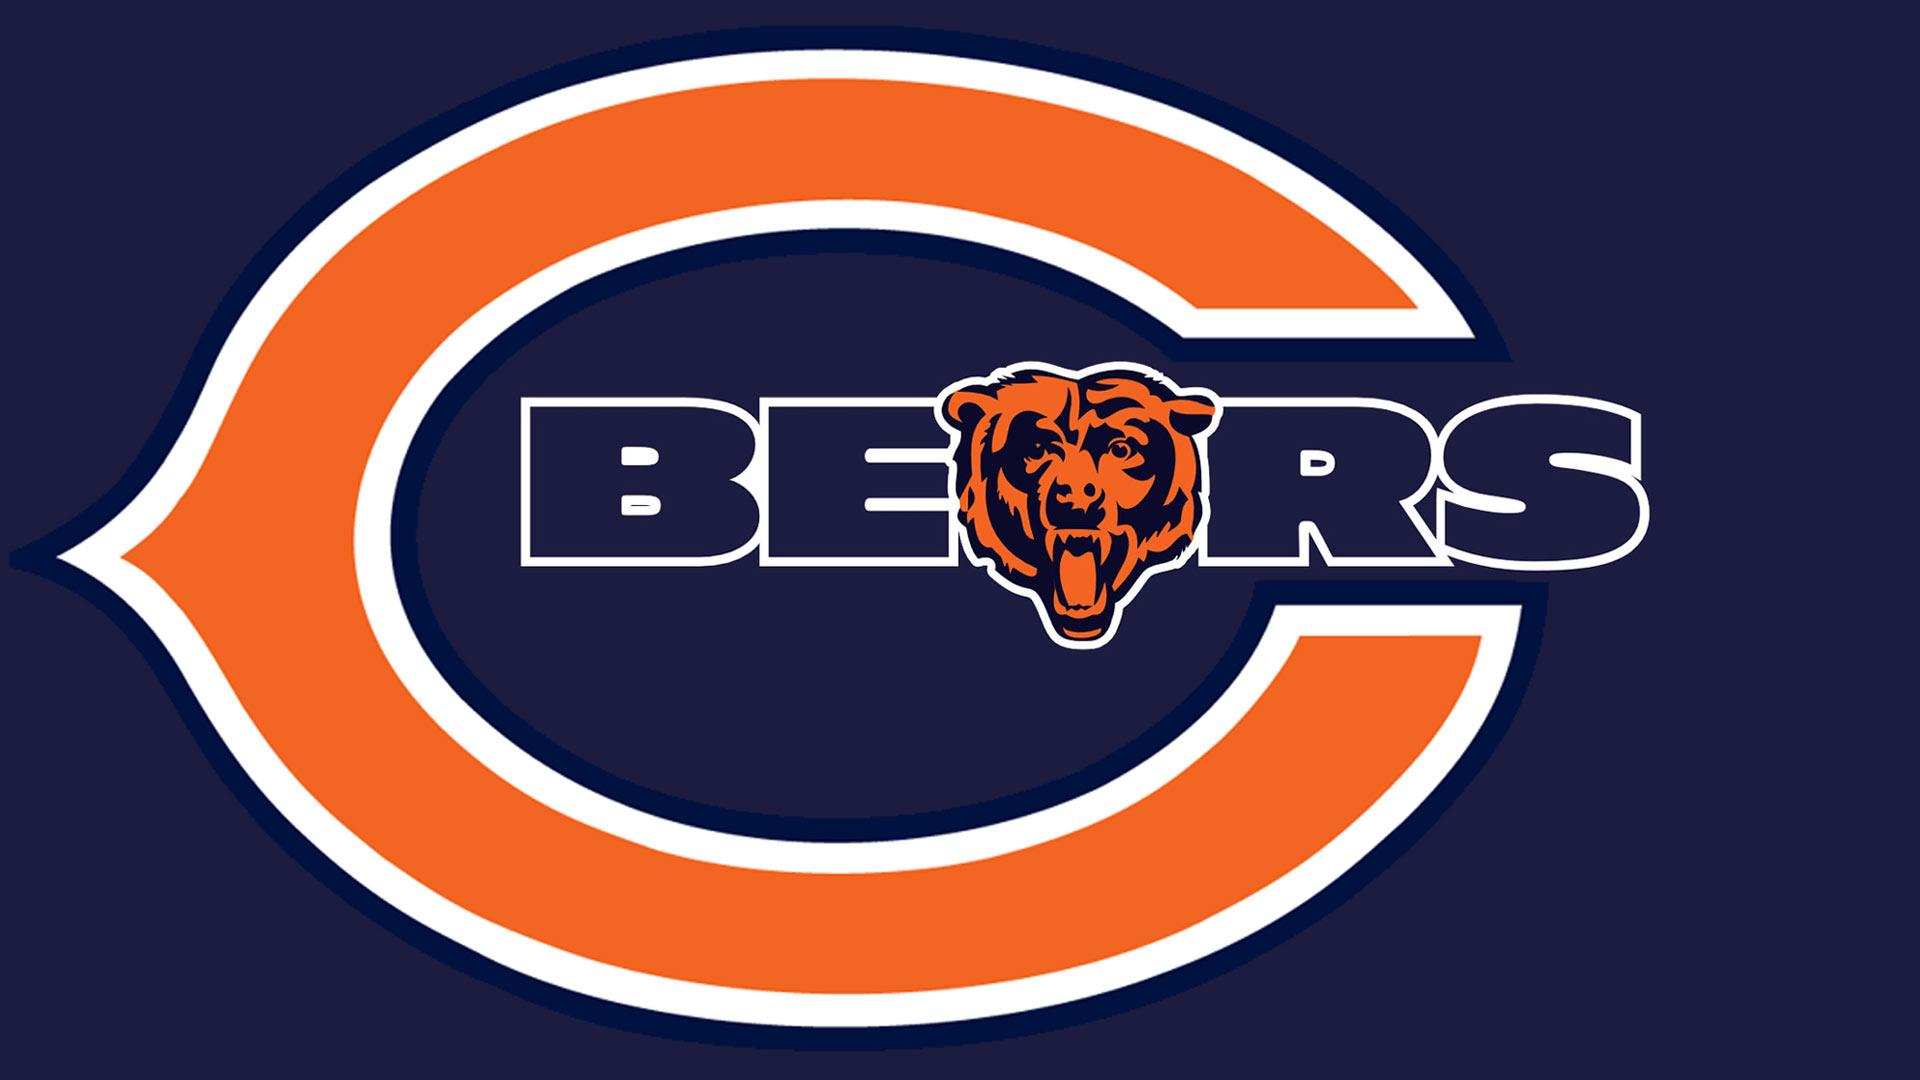 Bears Prediction Center